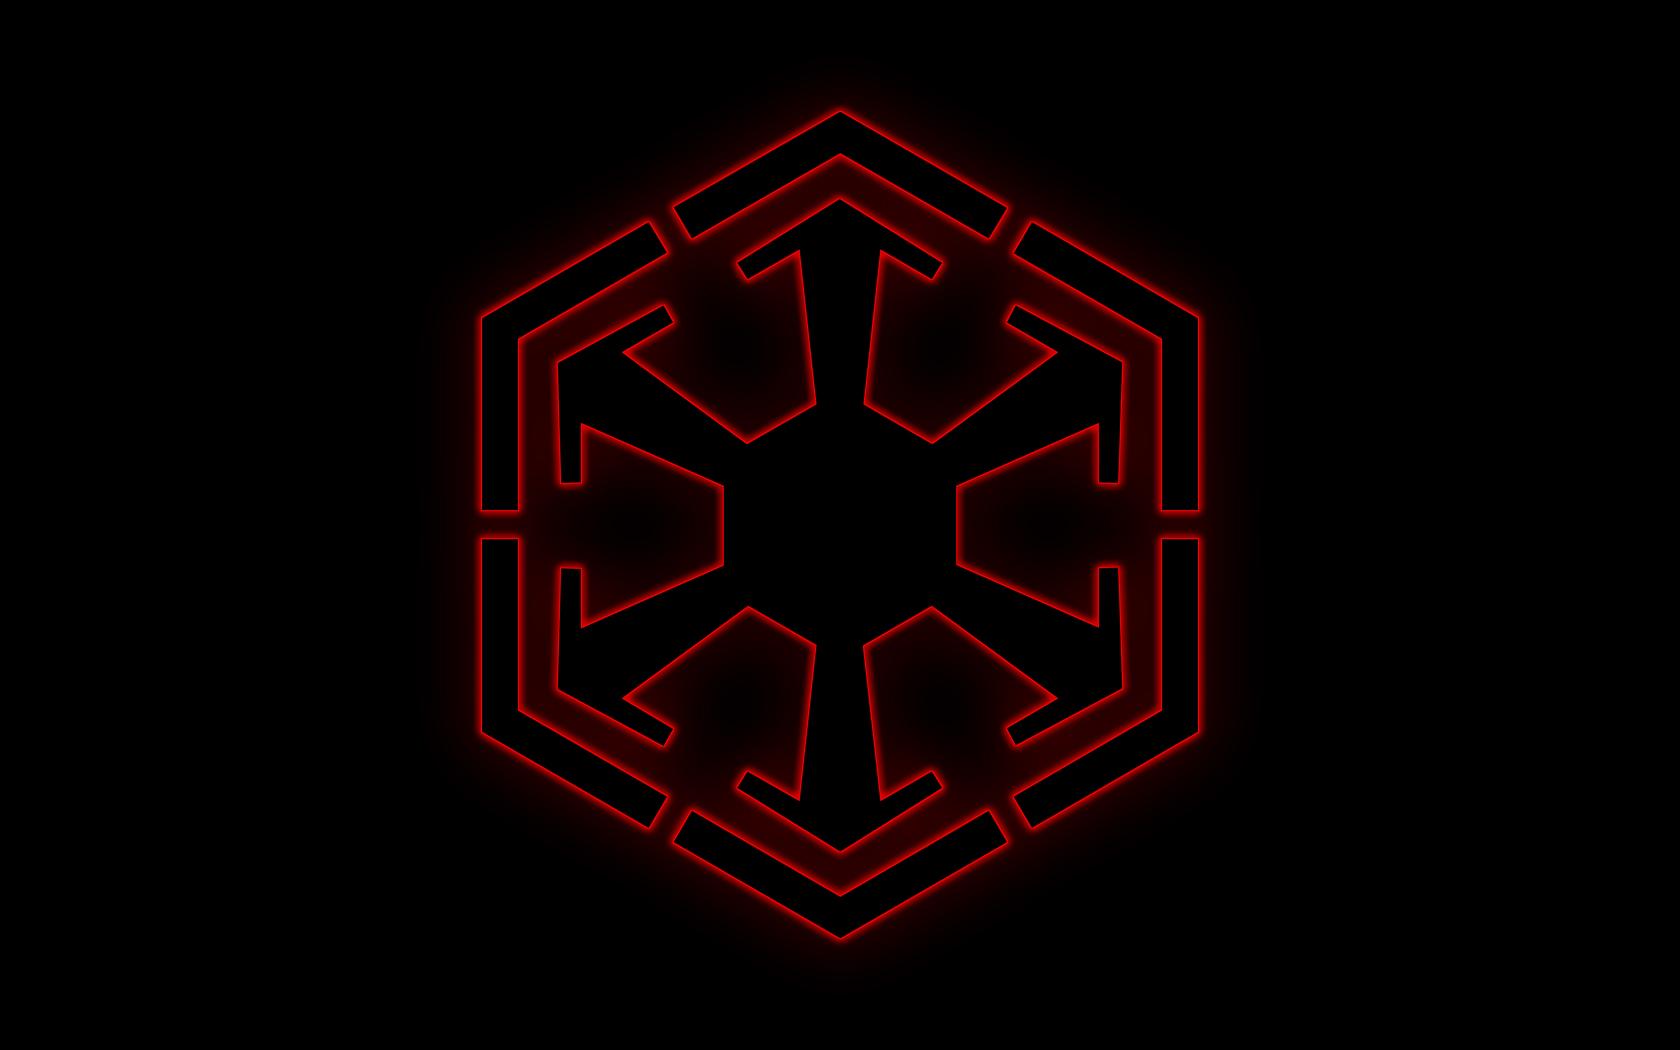 Sith Empire Wallpaper - WallpaperSafari